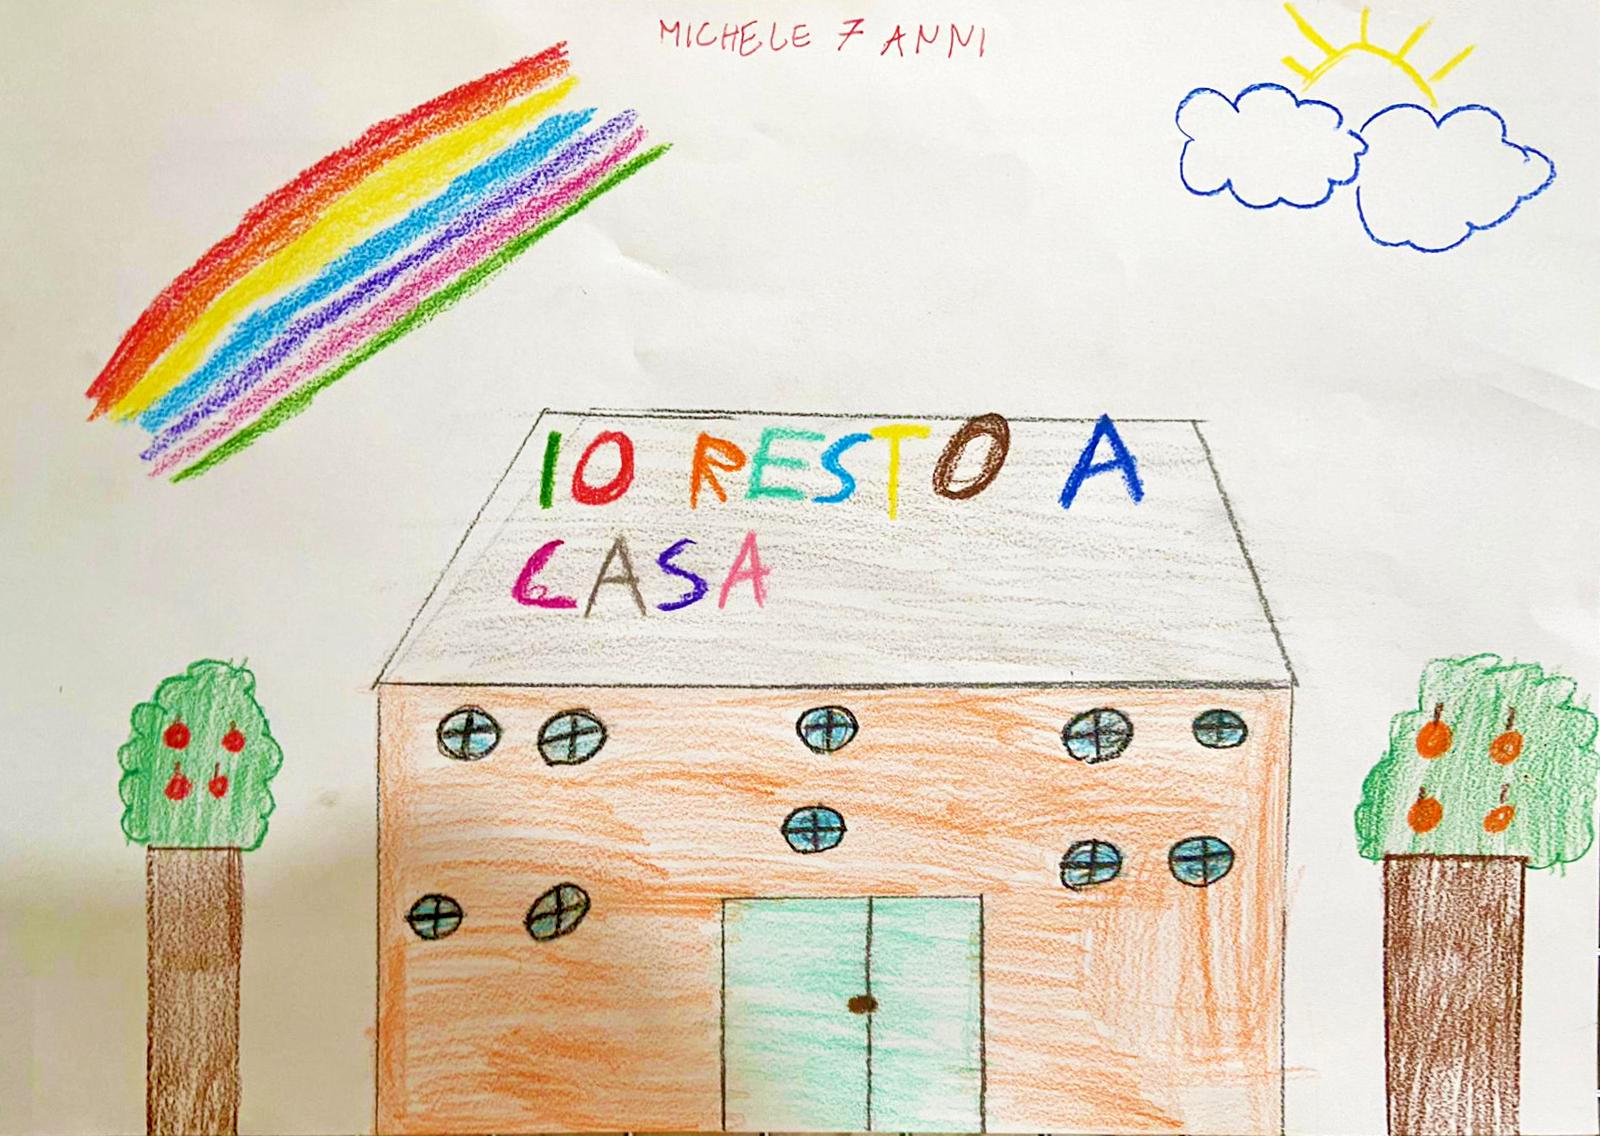 Questo disegno lo ha fatto Michele (7 anni)